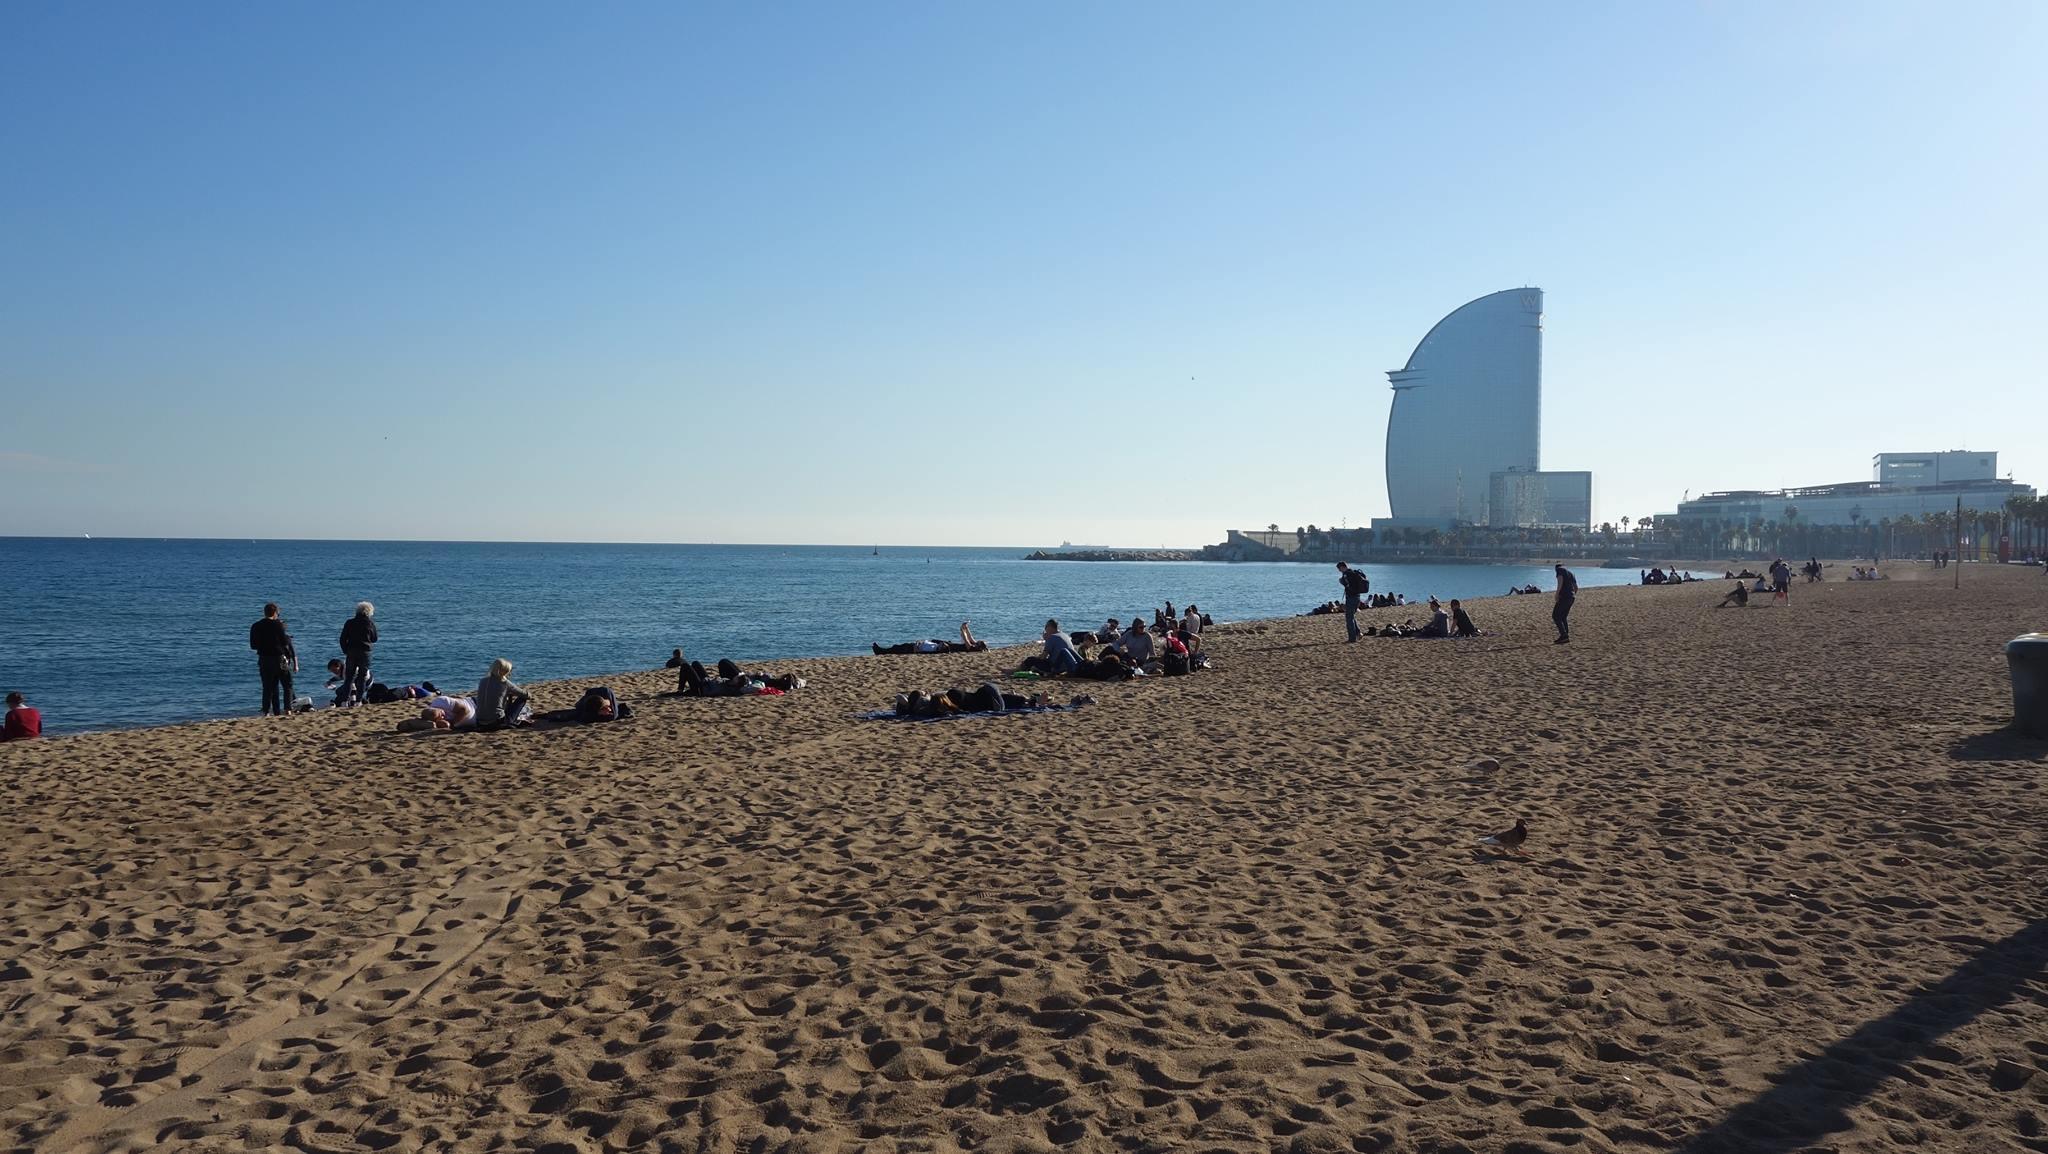 Ein Strand mit einem Gebäude im Hintergrund